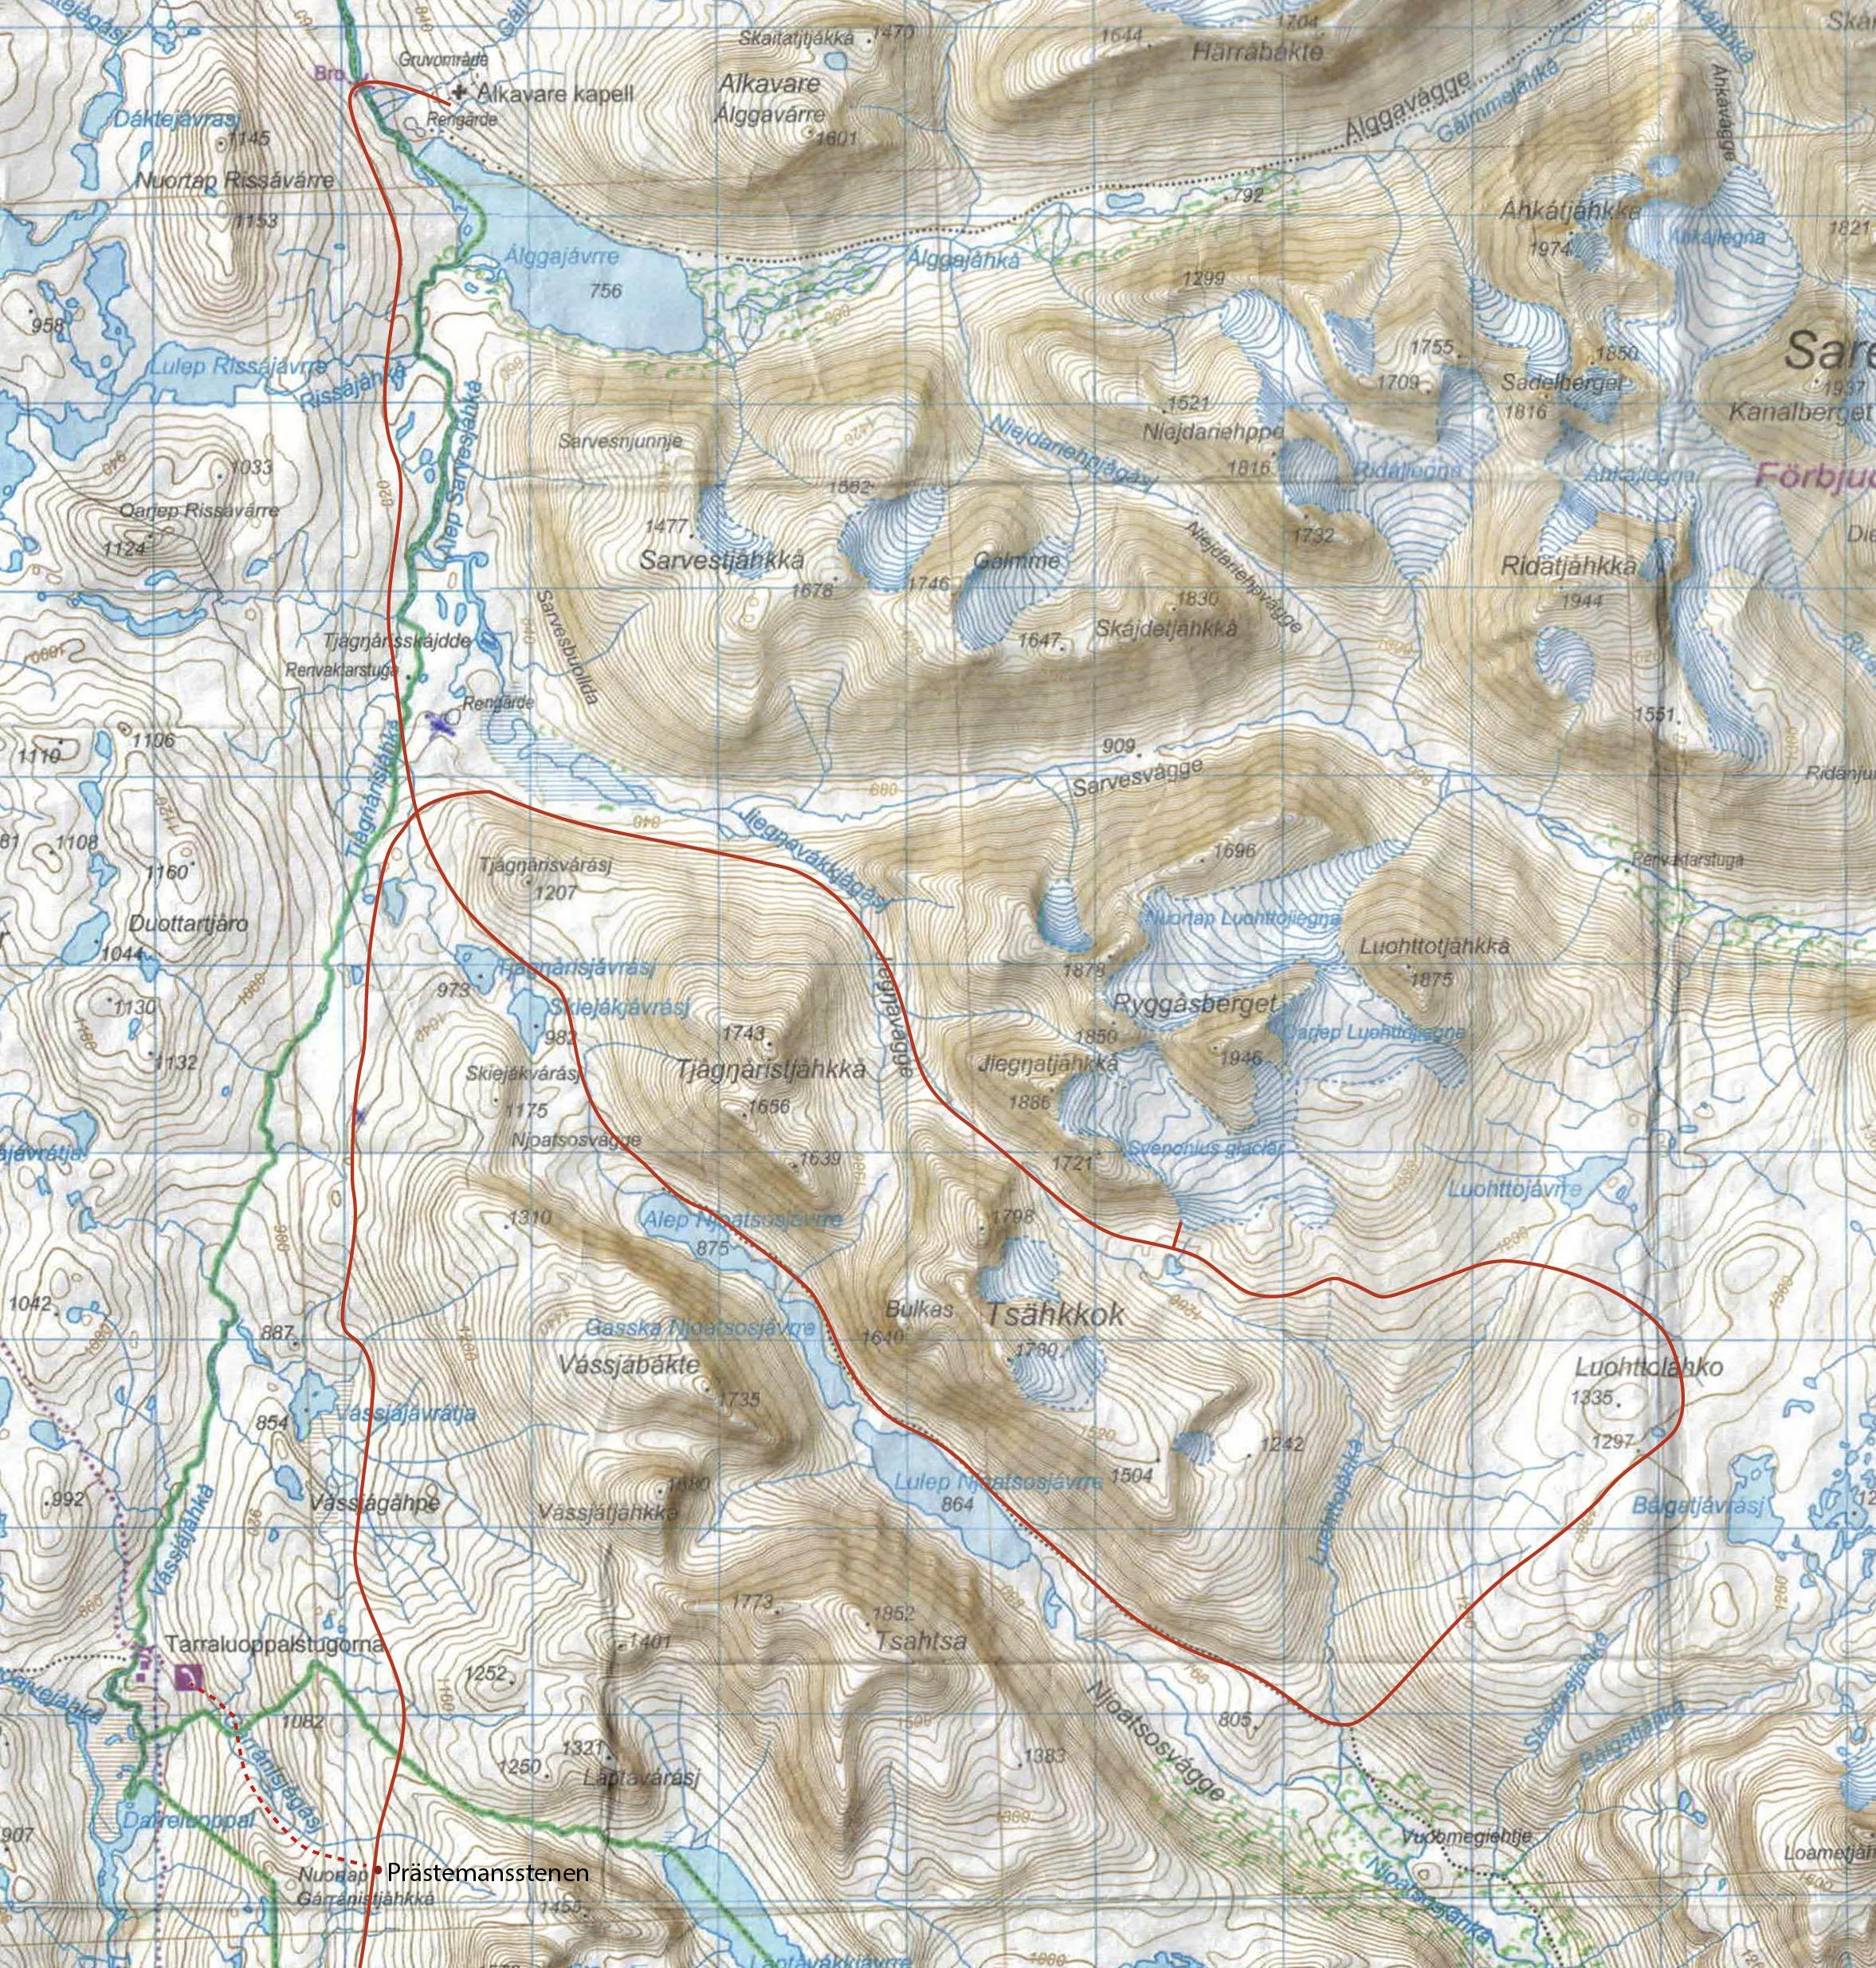 20-06-29, karta över Präststigen och Sarek.jpg